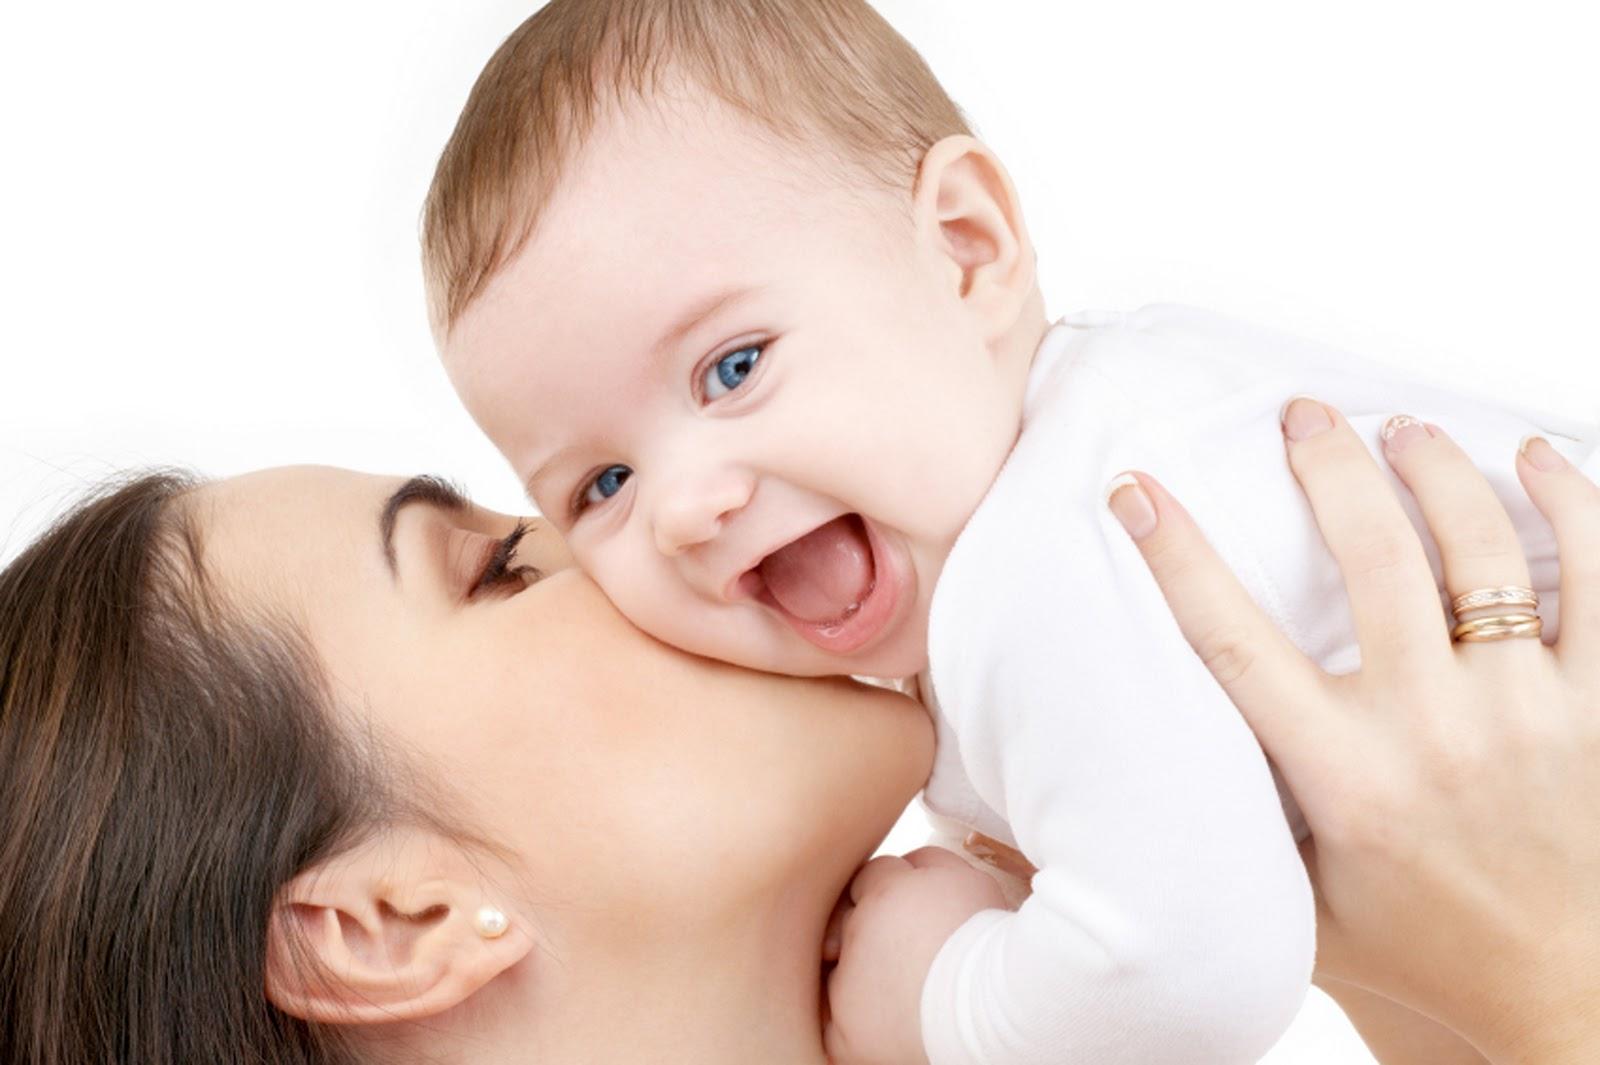 Tăng cường sức đề kháng và hệ miễn dịch của trẻ cách an toàn và đơn giản nhất